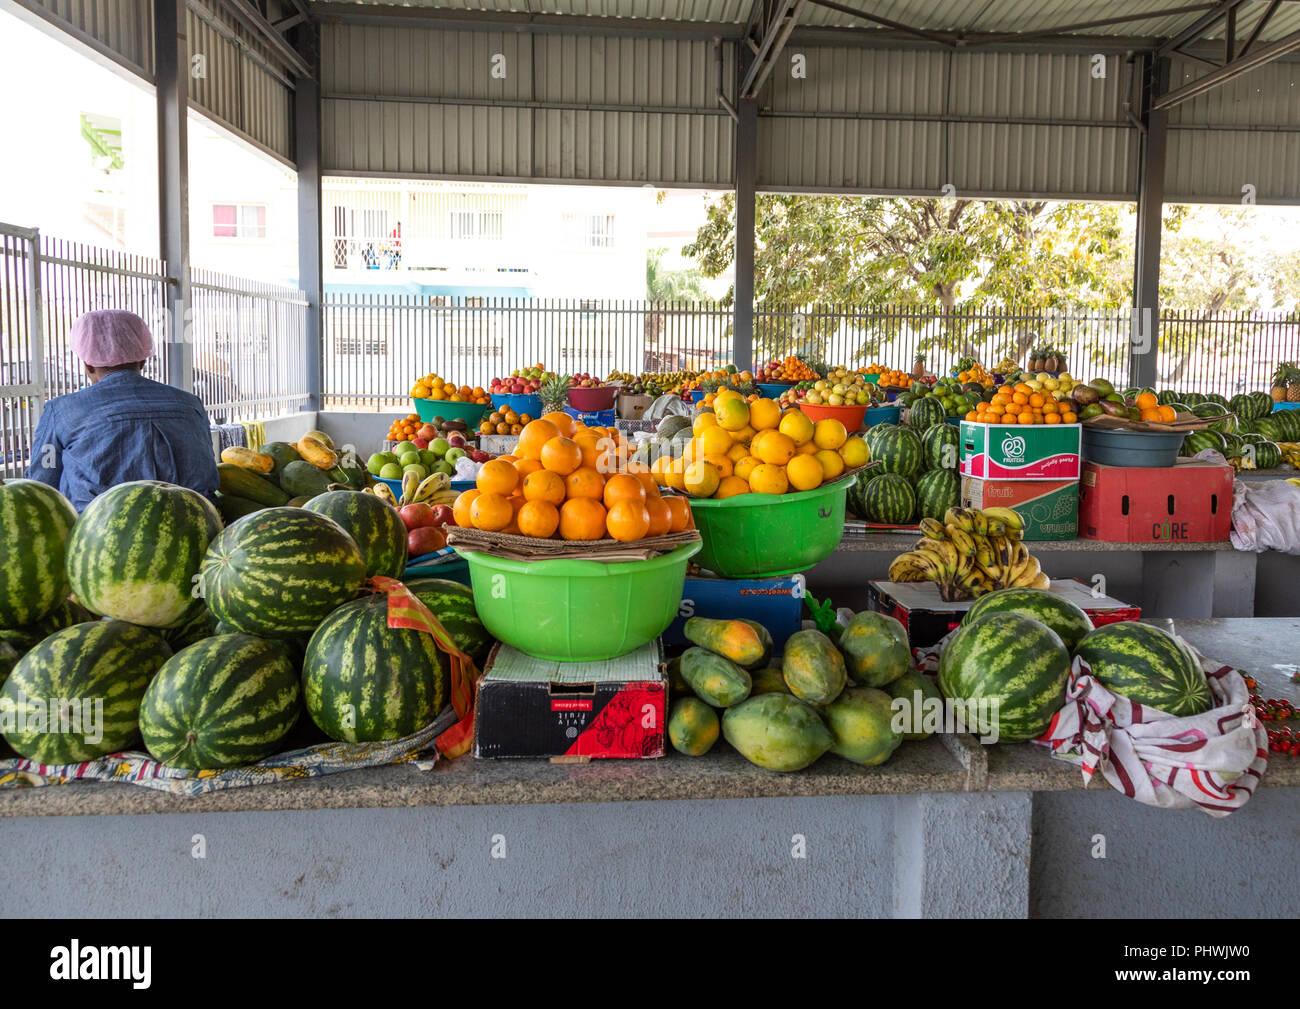 Fruits market, Benguela Province, Benguela, Angola - Stock Image